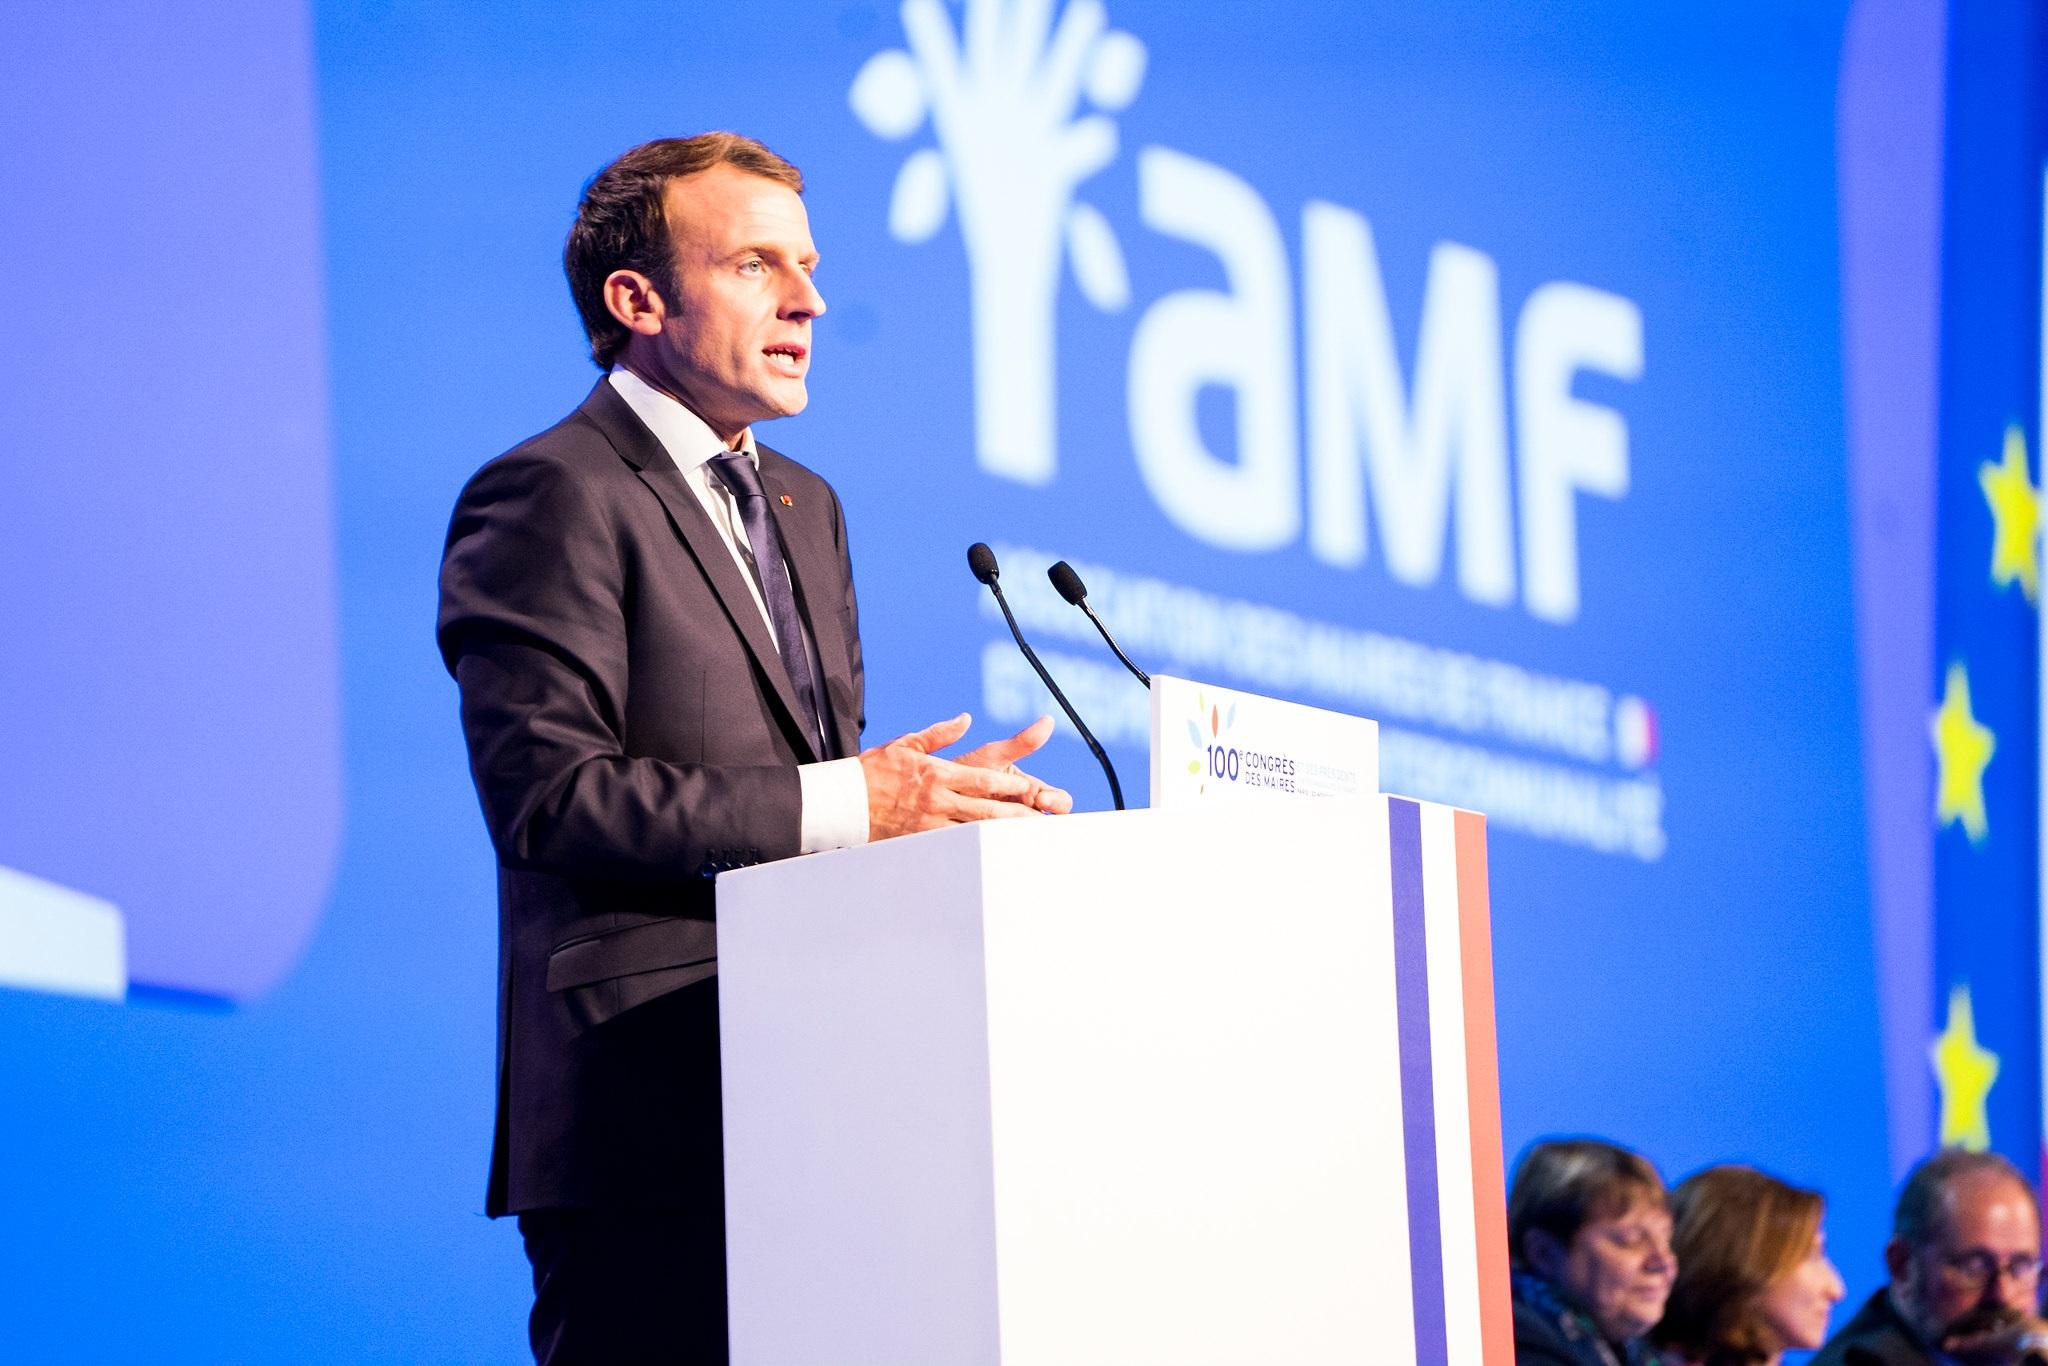 Emmanuel Macron jest głównym politykiem, który firmuje nową reformę emerytalną. Choć negocjacje w jej wdrożeniu wziął na siebie premier Édouard Philippe. (fot. archiwum)